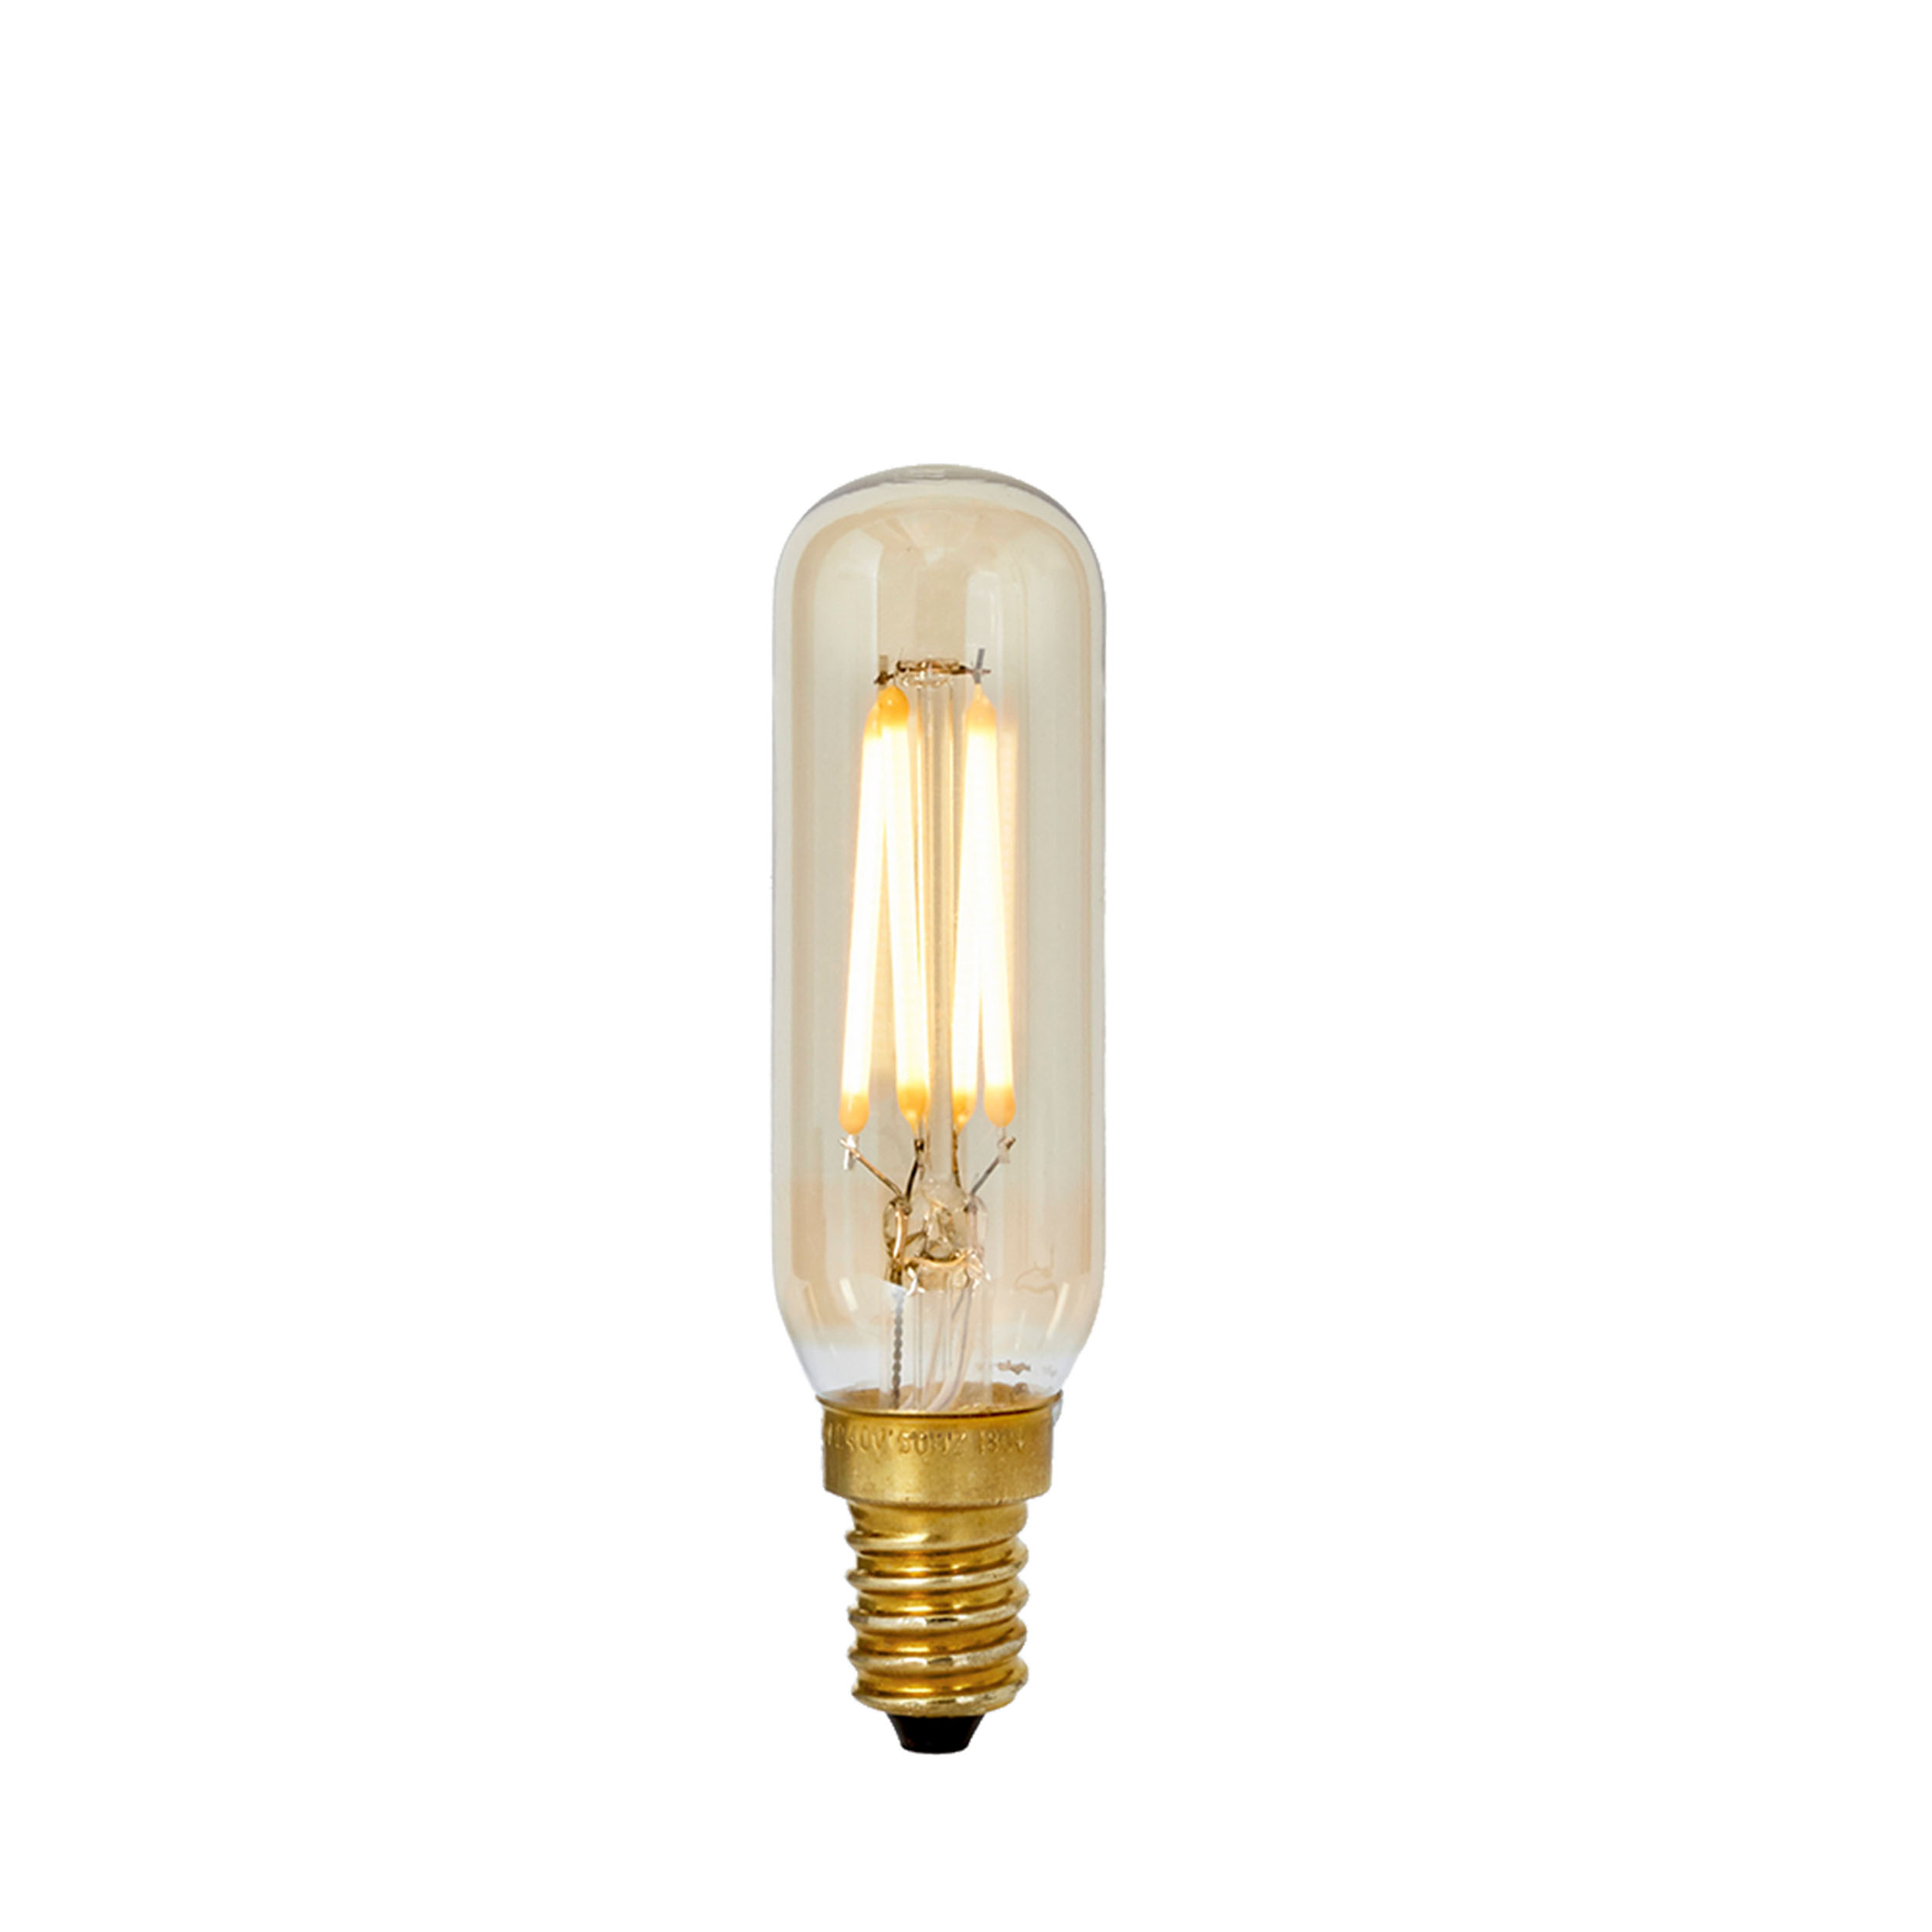 E14 LED Filament Totem I Leuchtmittel 3 W Kolben